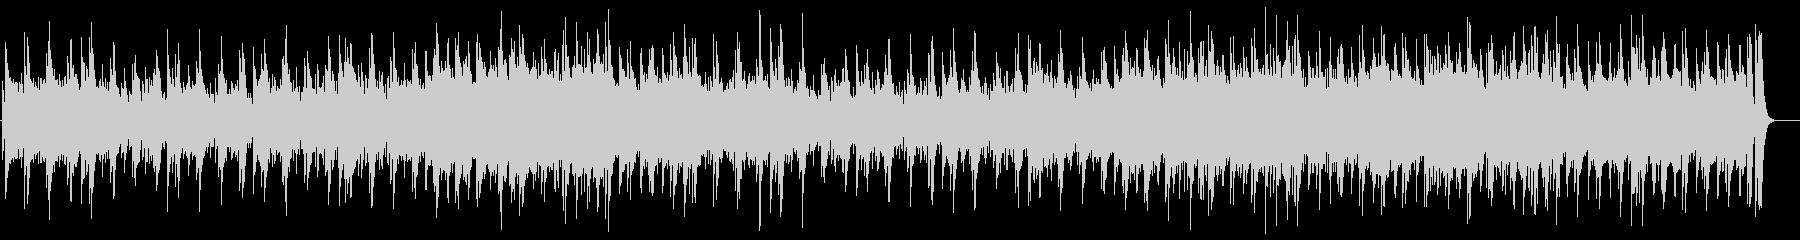 ピアノのライト・ポップス(フルサイズ)の未再生の波形